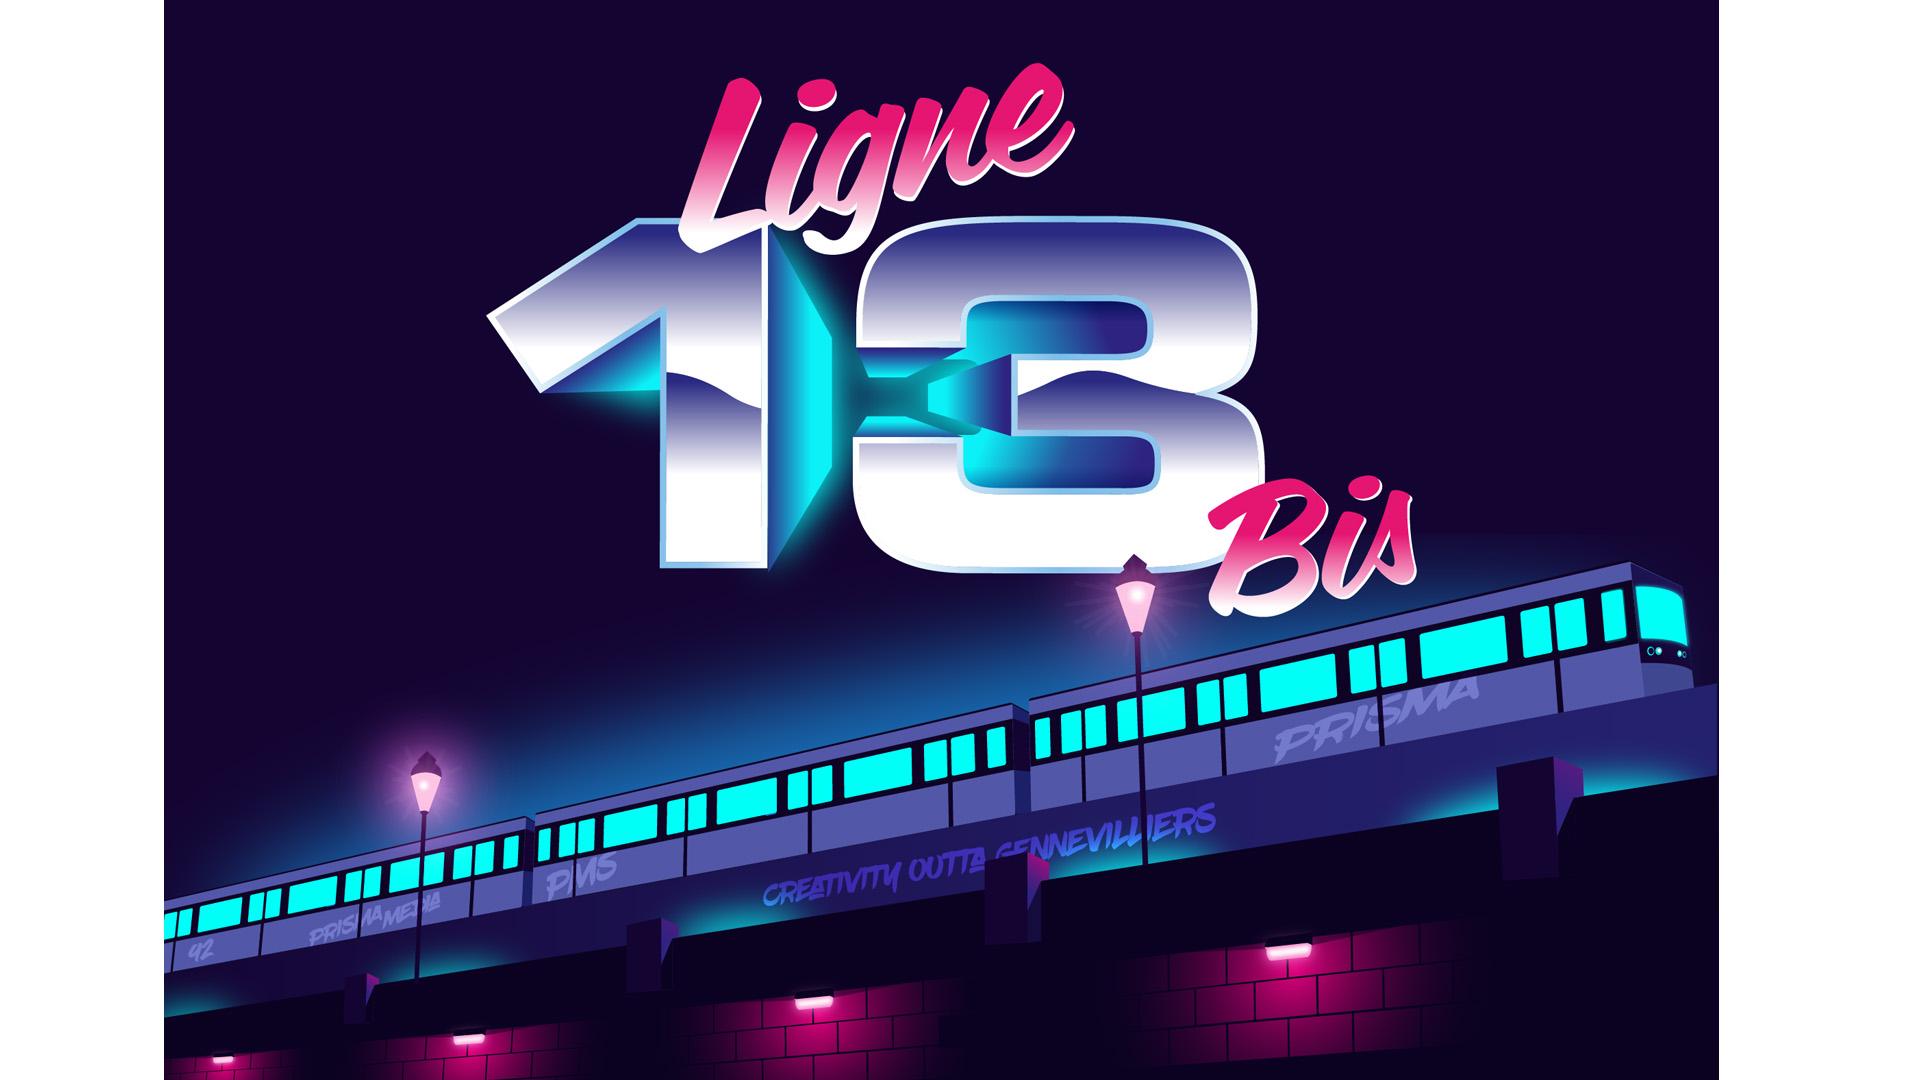 ligne13